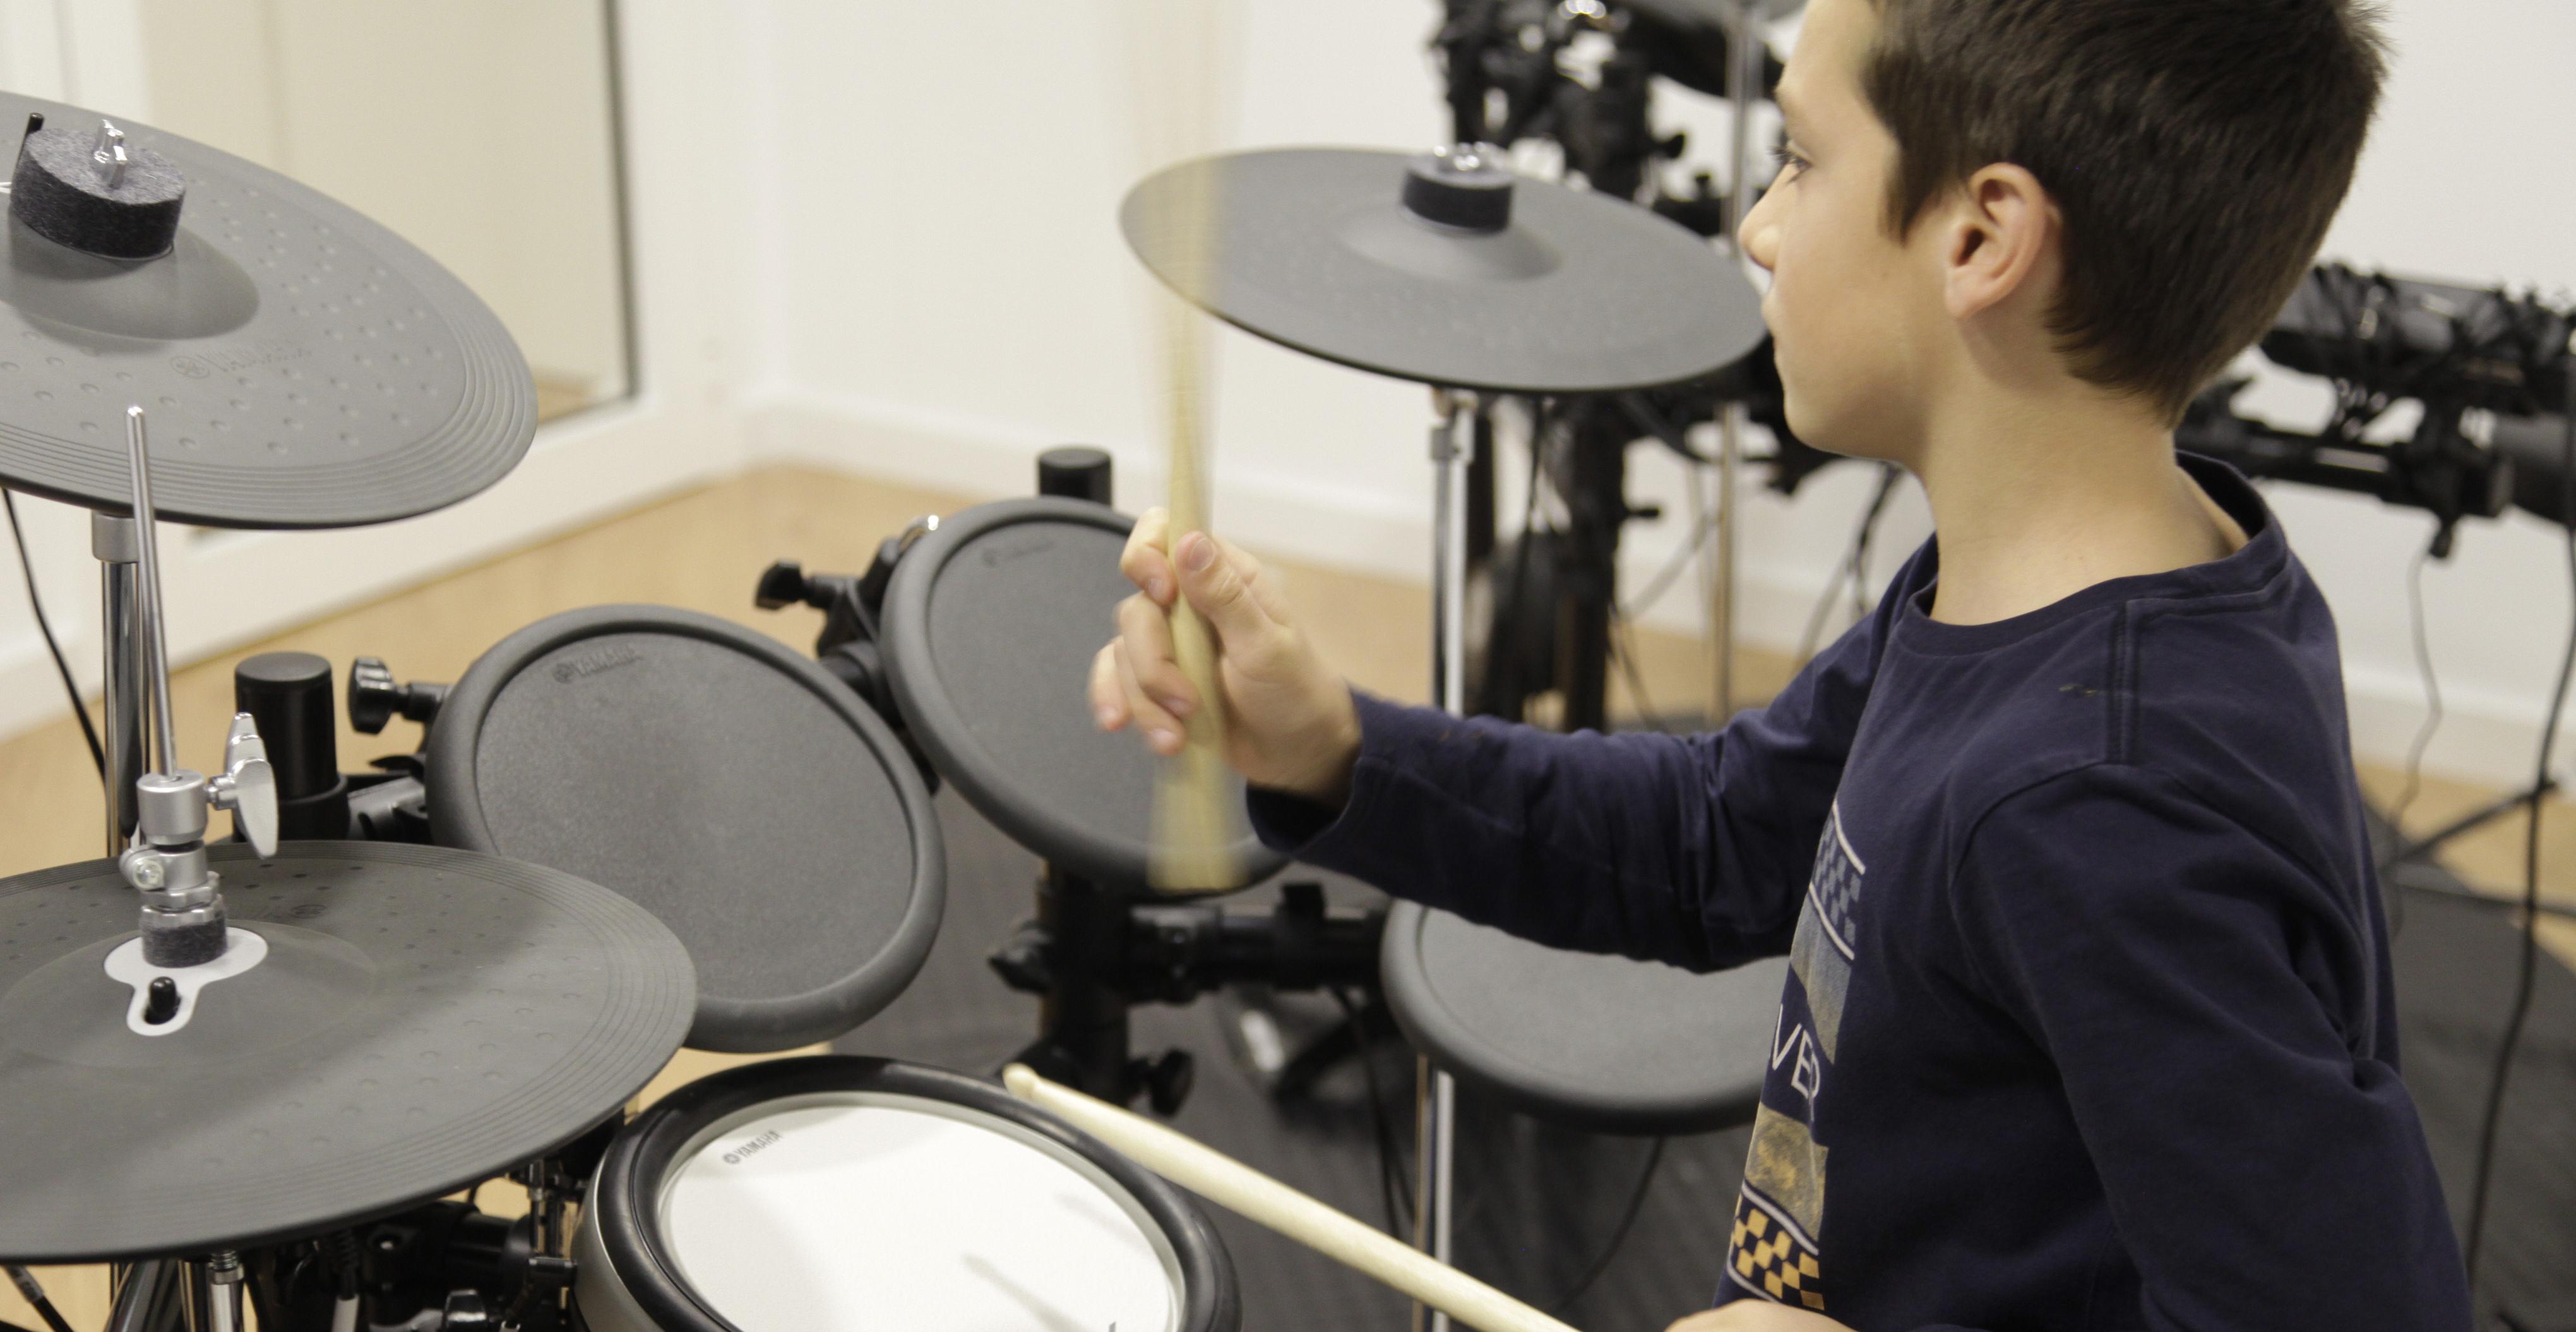 Aprende a tocar la bater a con el m todo yamaha yamaha for Yamaha music school los angeles